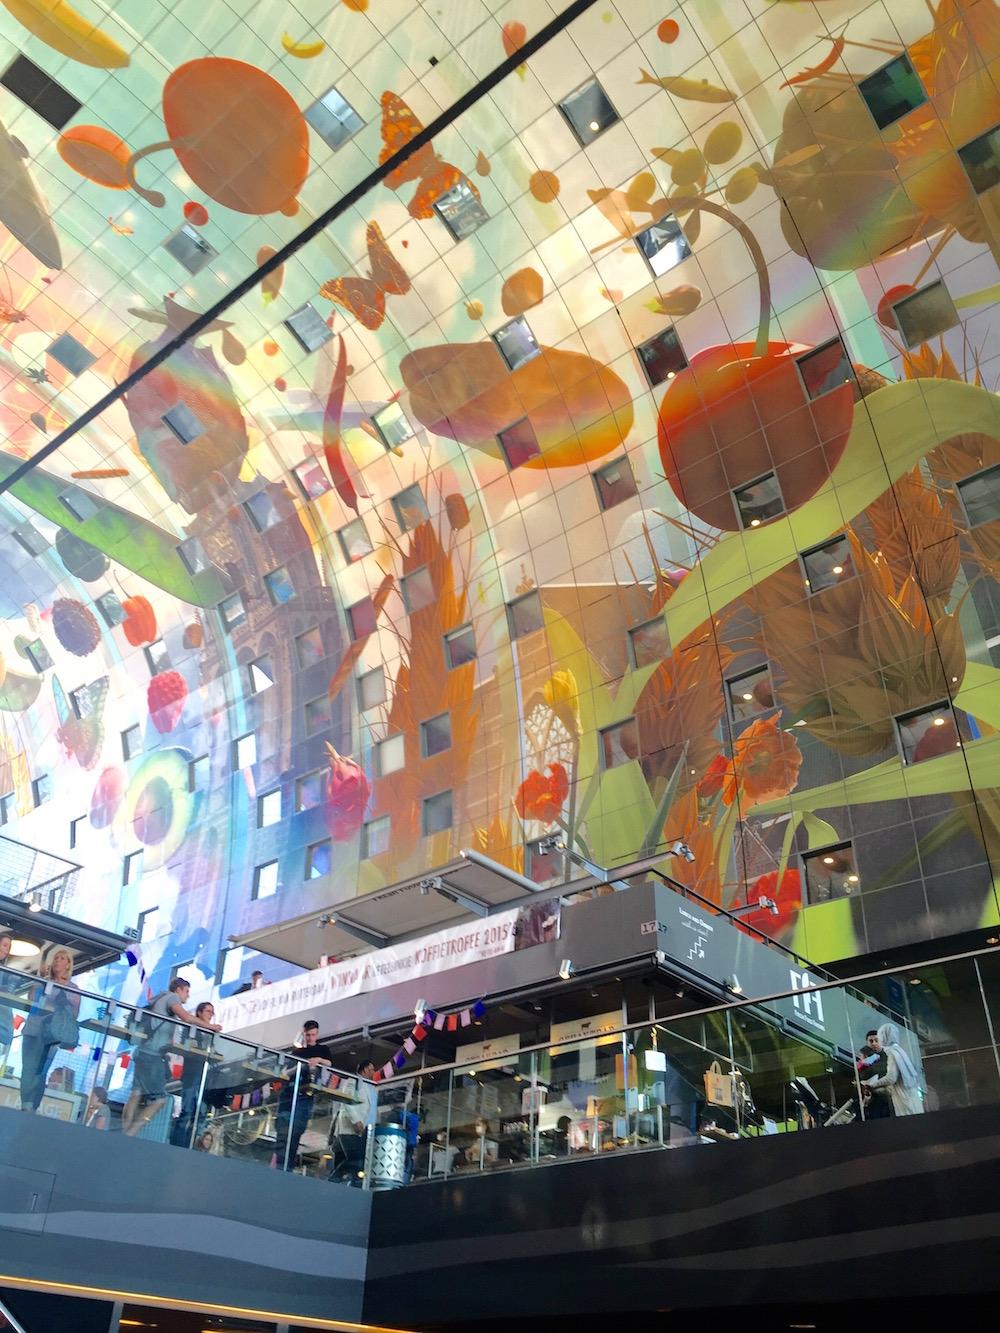 Riesiges Deckengemälde des Künstlers Arno Coenen in der Rotterdamer Markthalle